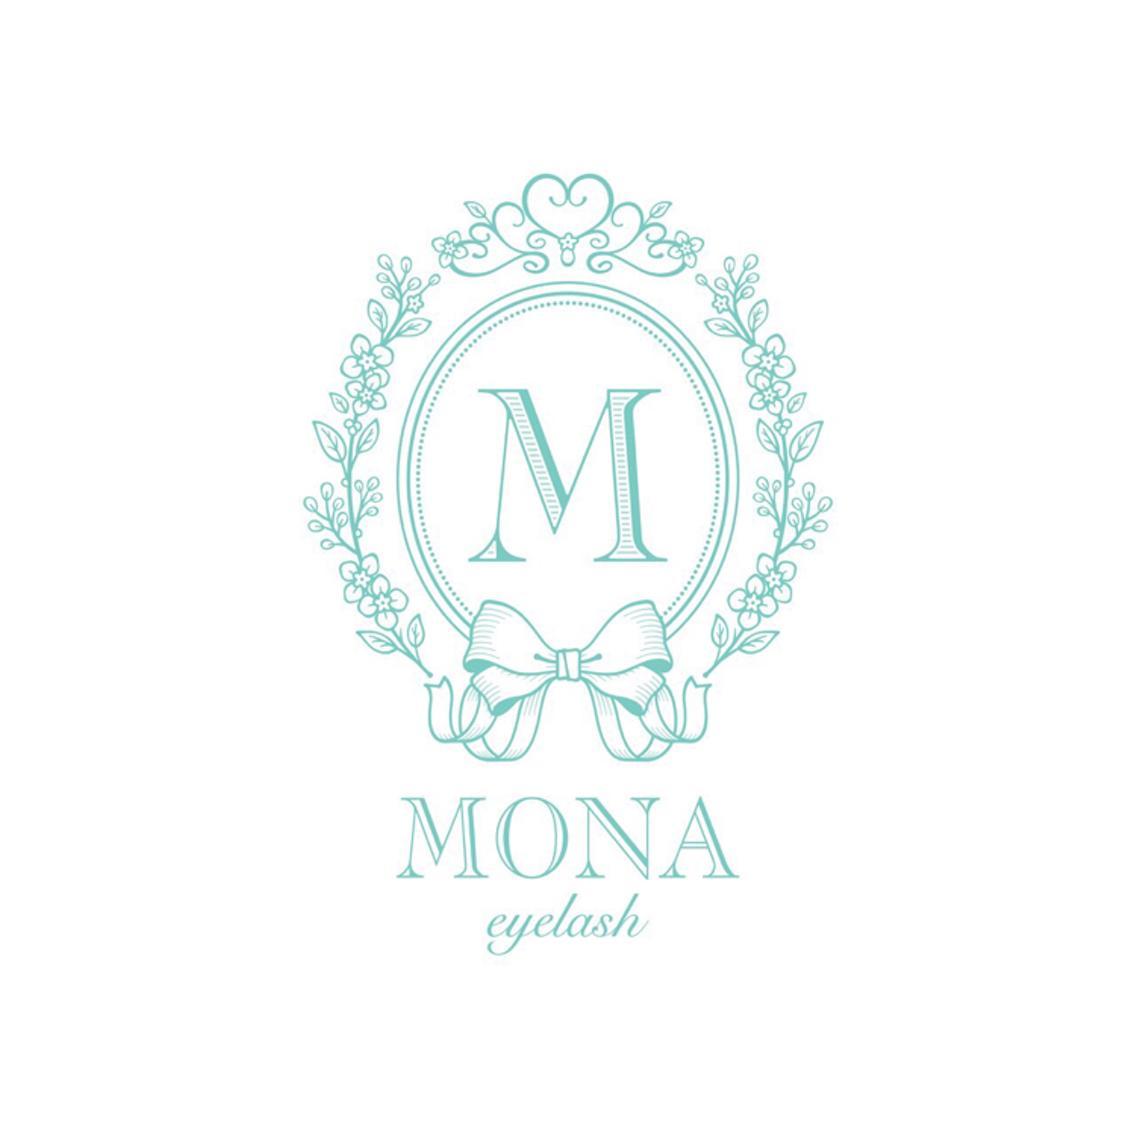 MONA eyelash所属・MONAeyelashの掲載